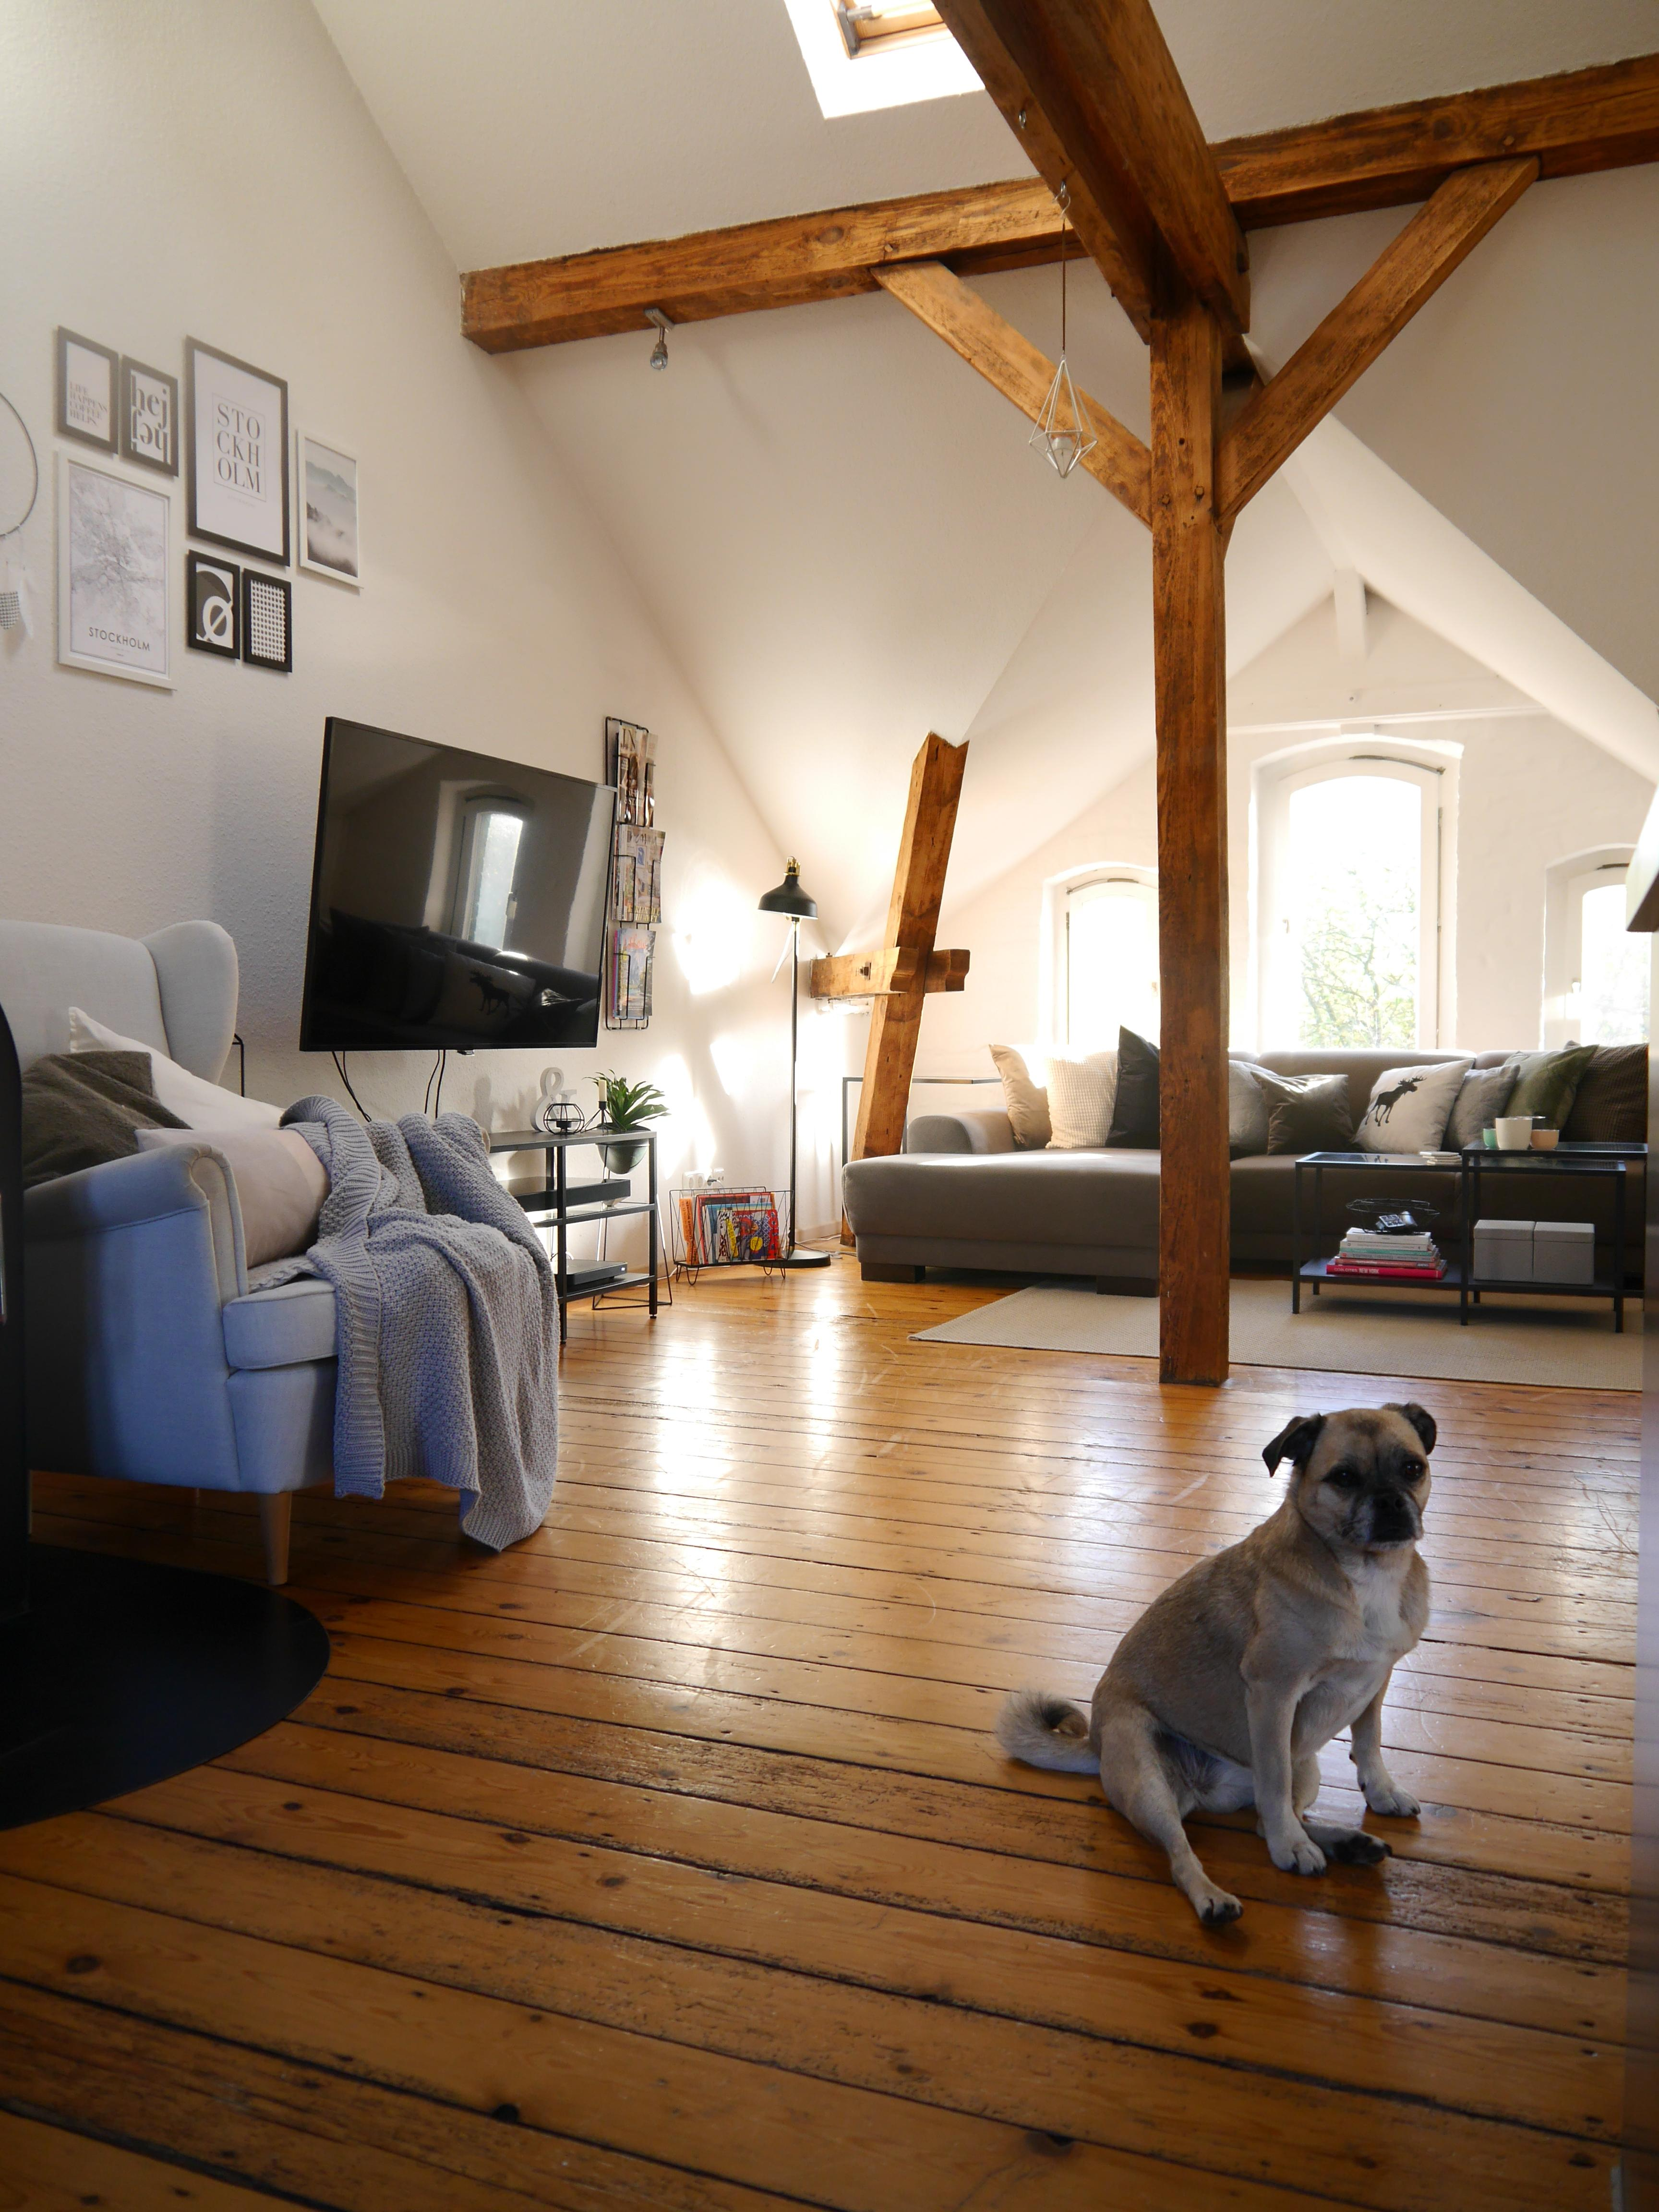 hohe decke ? bilder & ideen ? couchstyle - Wohnzimmer Offene Decke